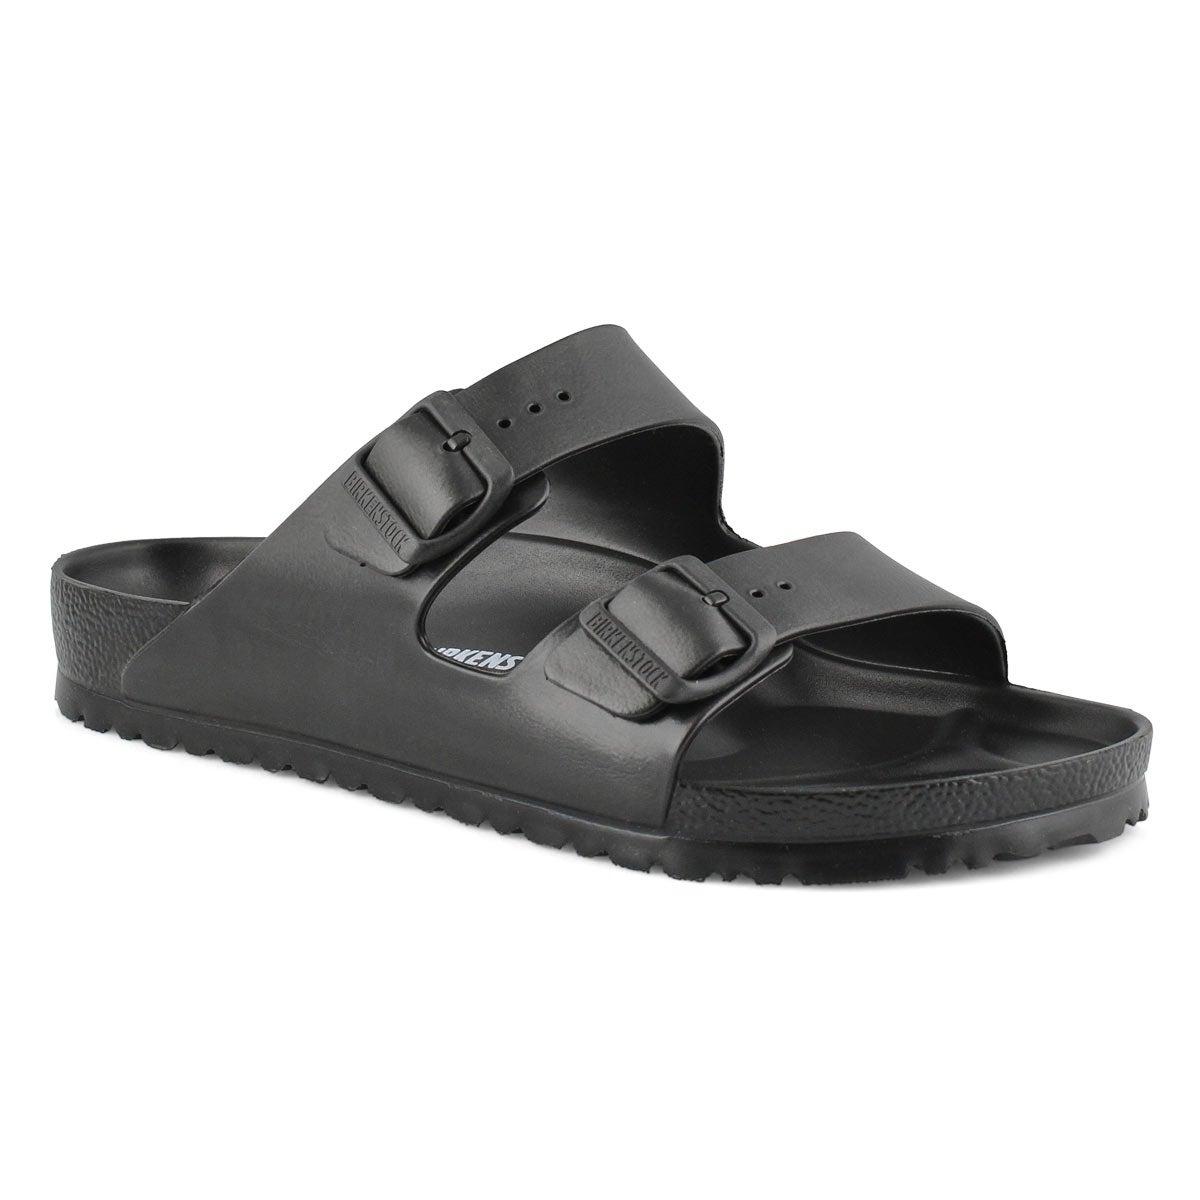 Men's ARIZONA black EVA sandals - Medium